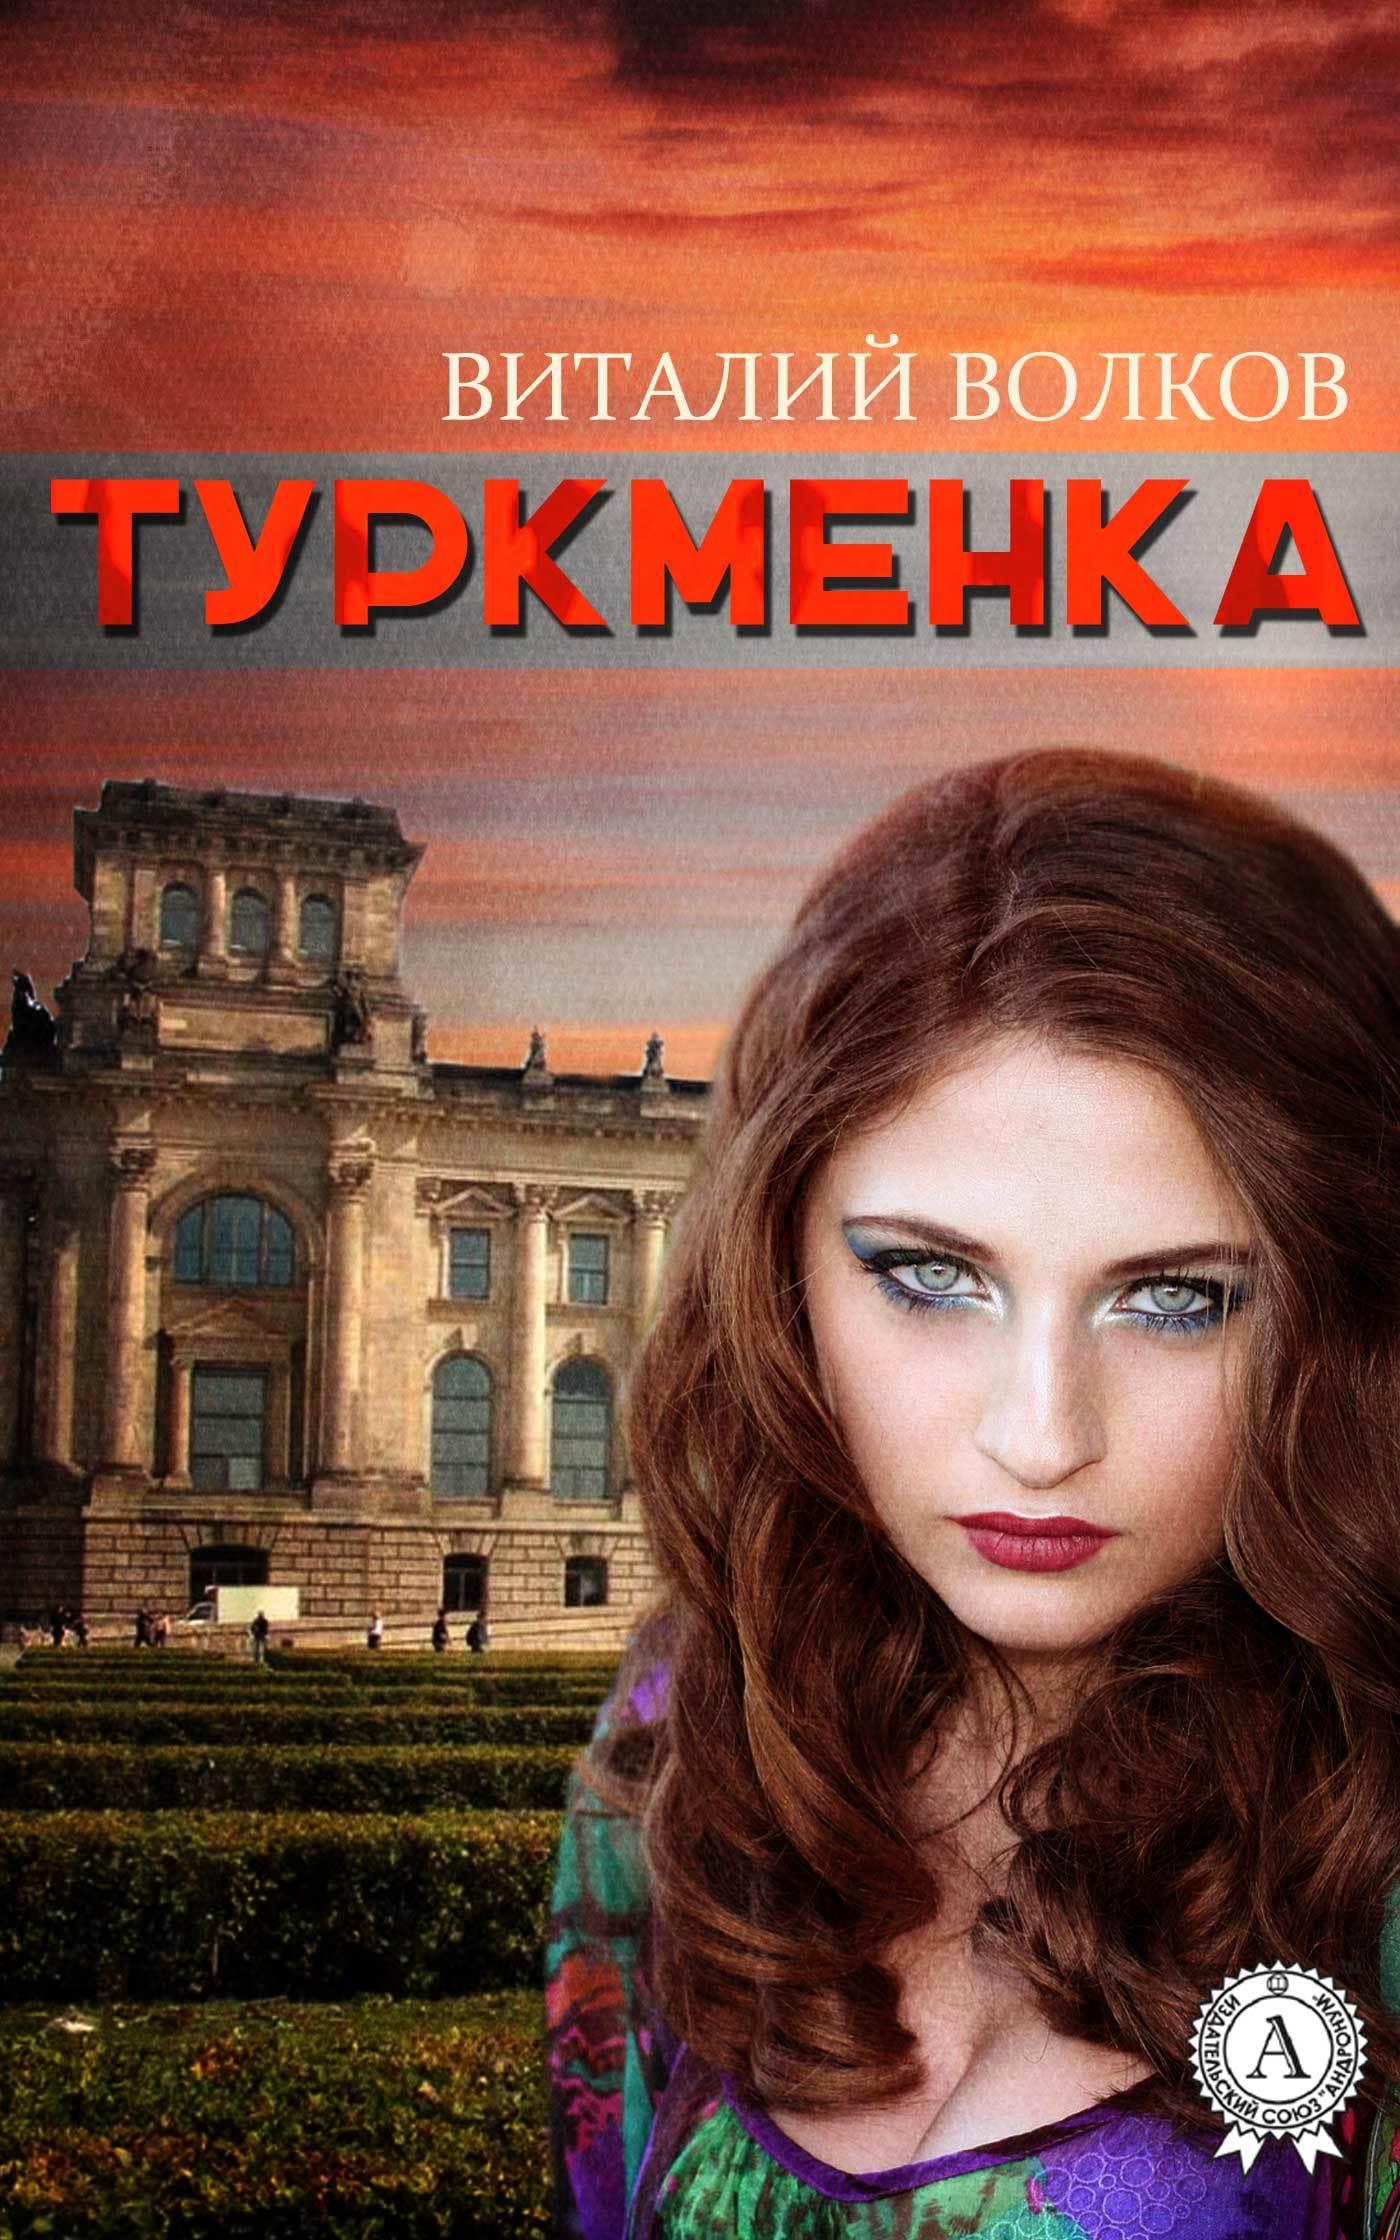 Скачать Туркменка бесплатно Виталий Волков